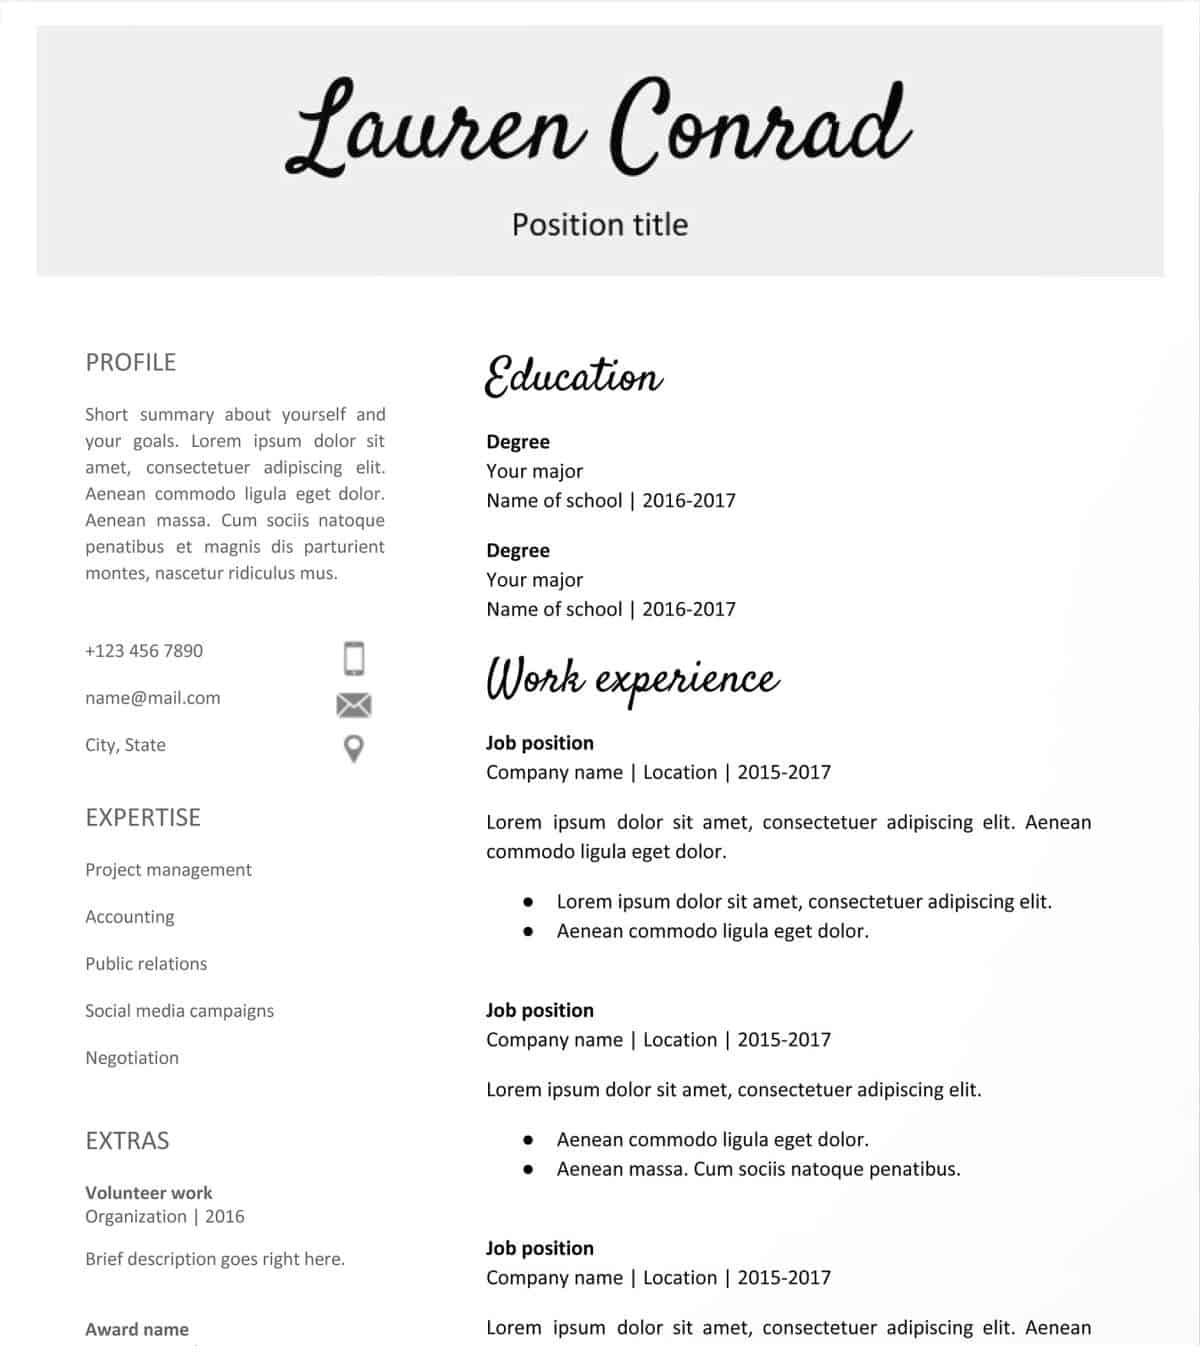 Resume Template Free Handwritten Headlines Google Docs Resume Template Free resume template free|wikiresume.com